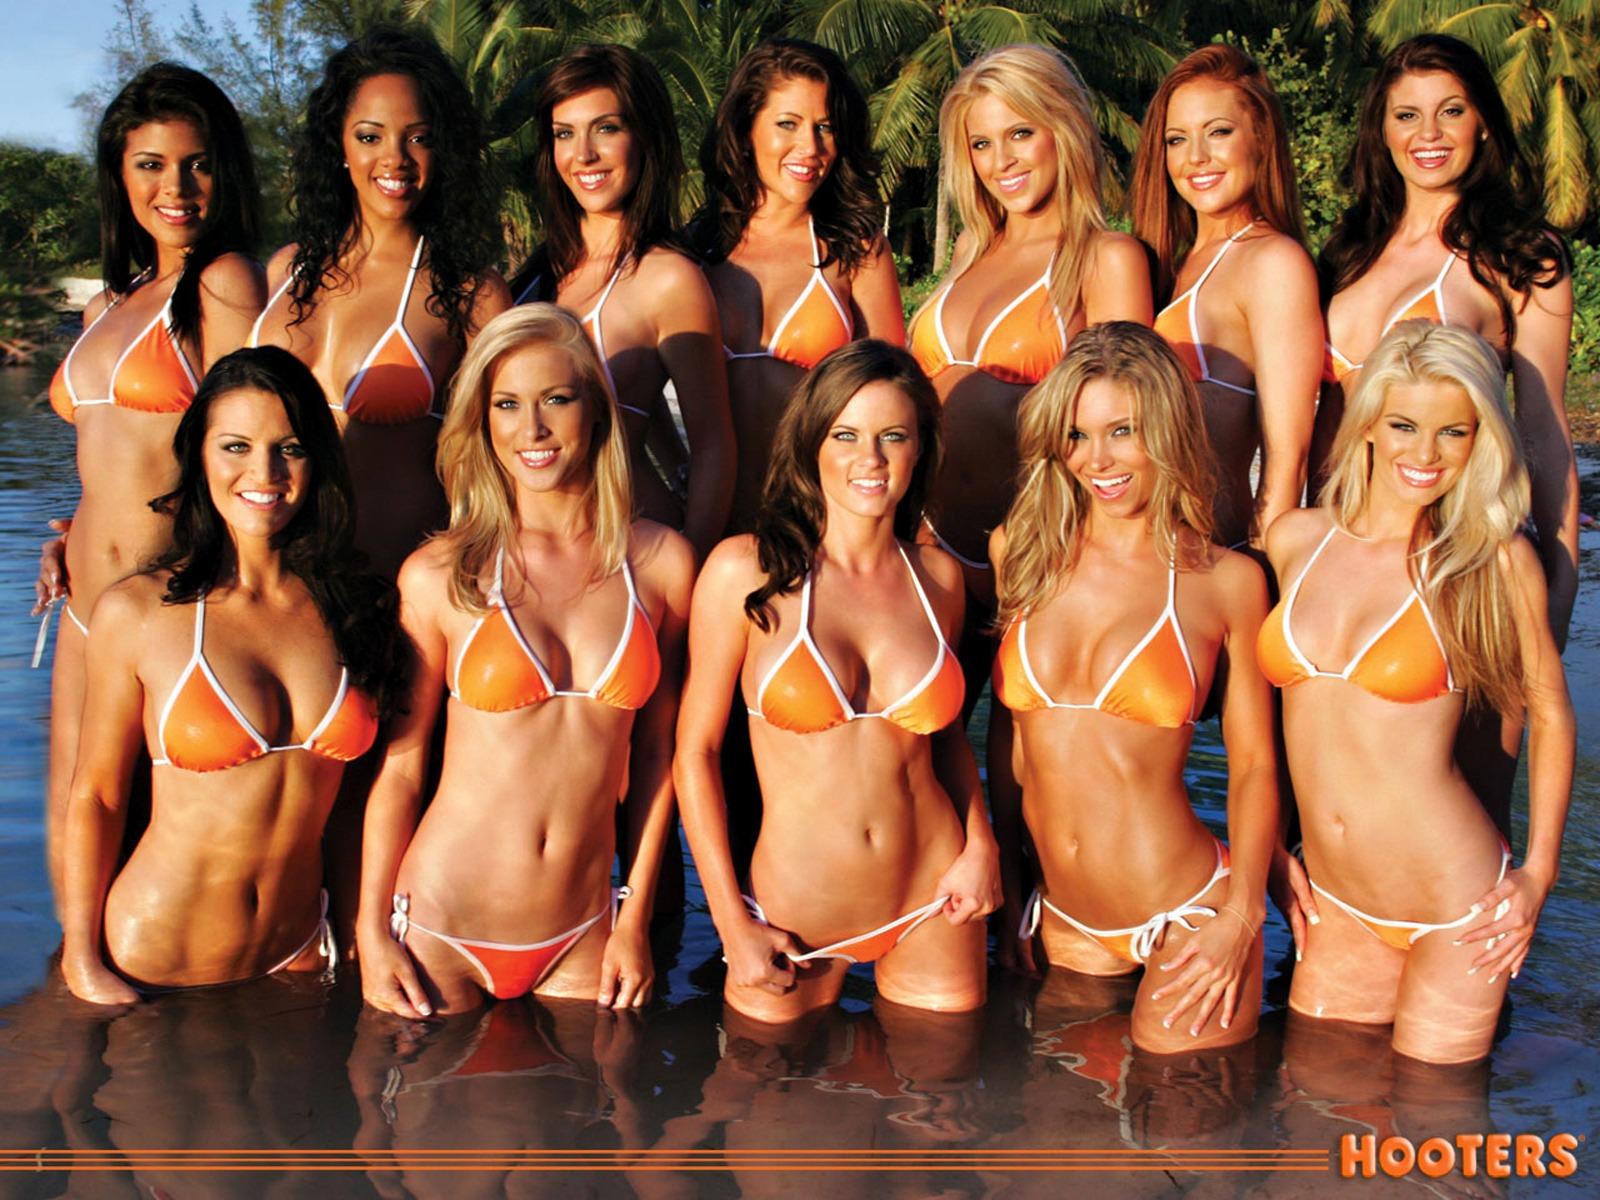 Hooters Calendar Wallpaper : Hd wallpapers hooters girls 1600x1200 hardwallpapers.com